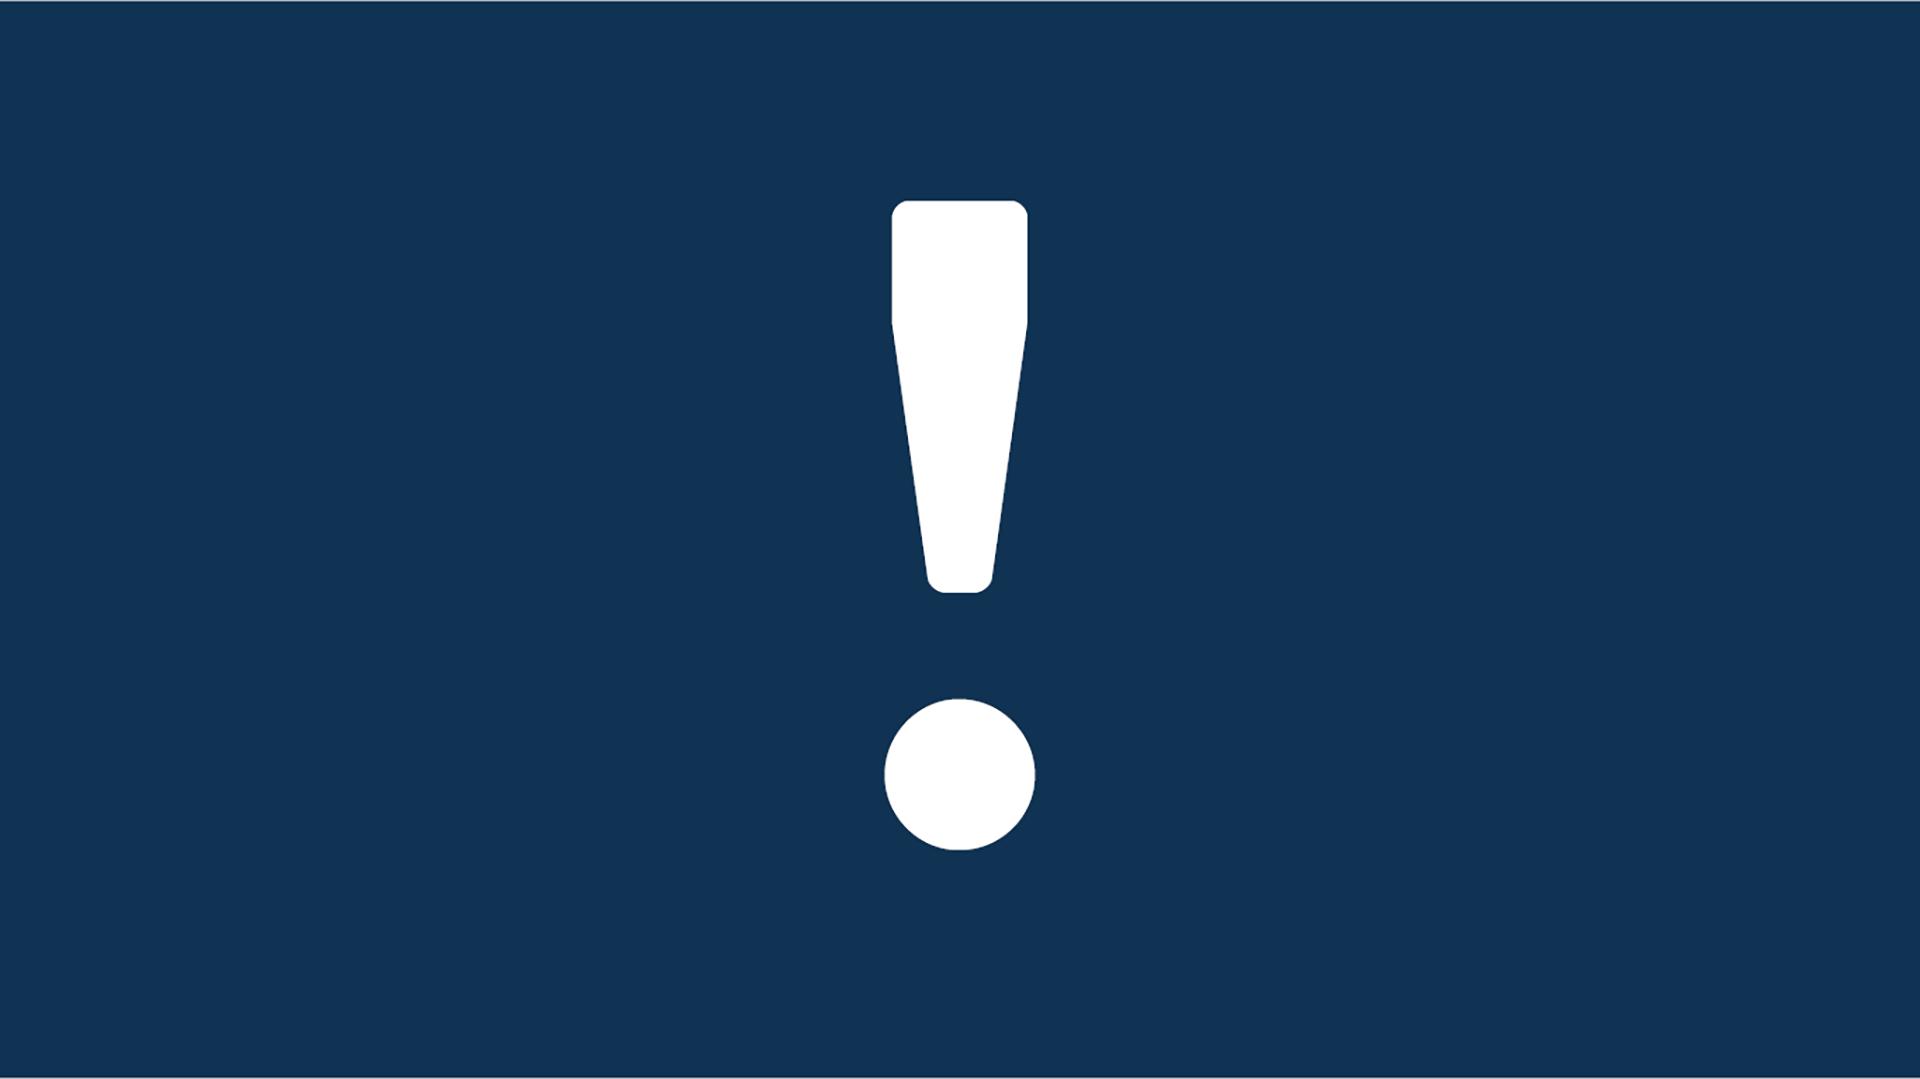 Biểu ngữ có hình một biểu tượng dấu chấm than màu trắng trên nền màu xanh đậm.